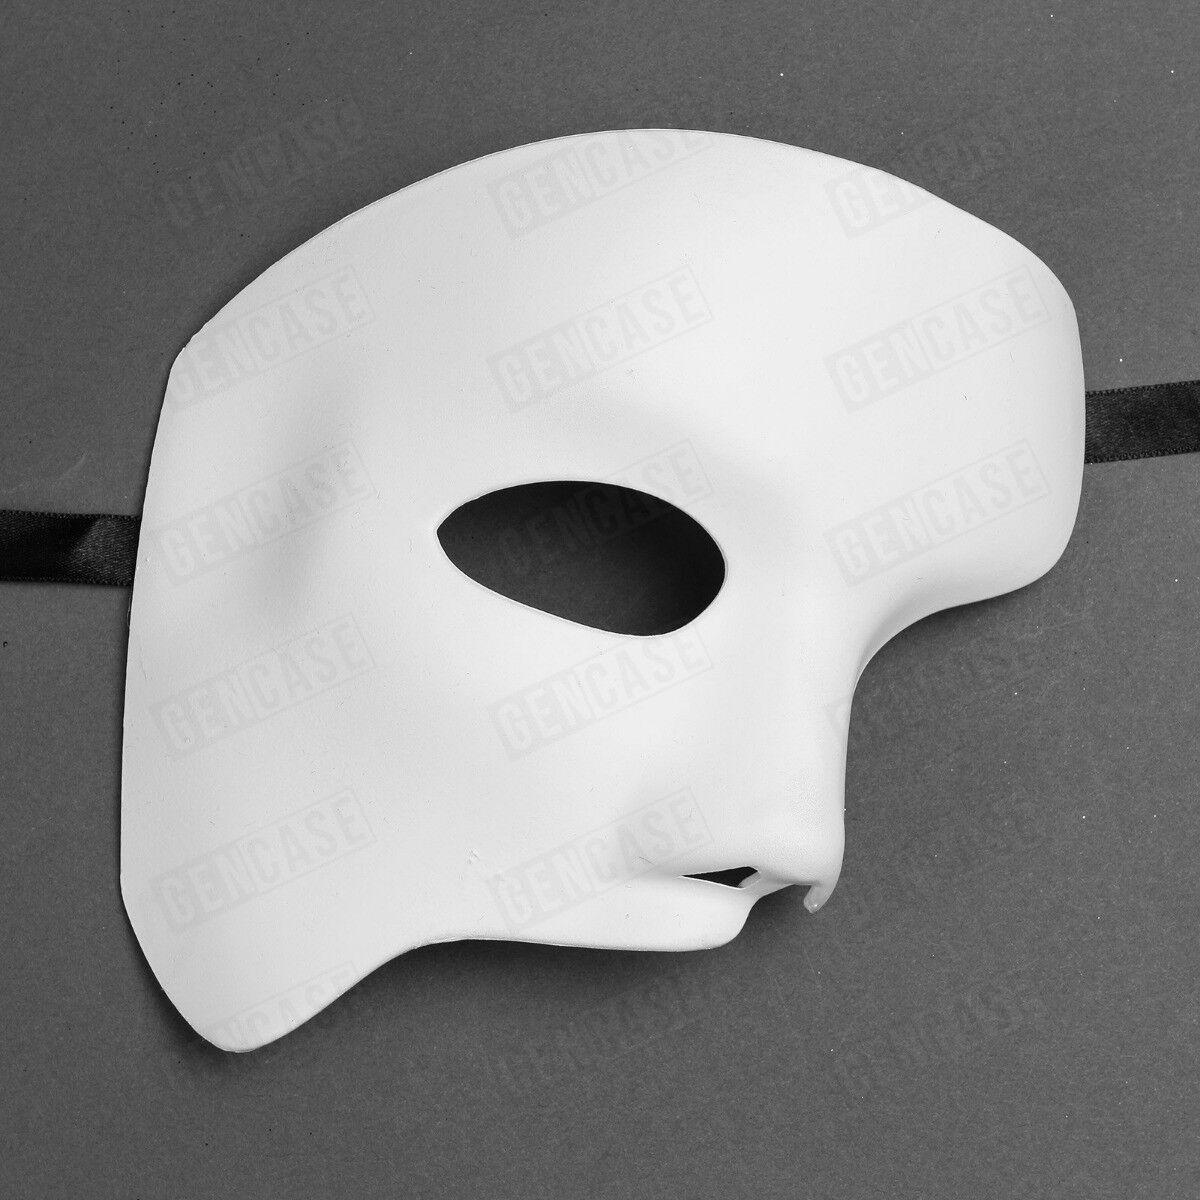 Phantom Of The Opera Mask For Sale Online Ebay